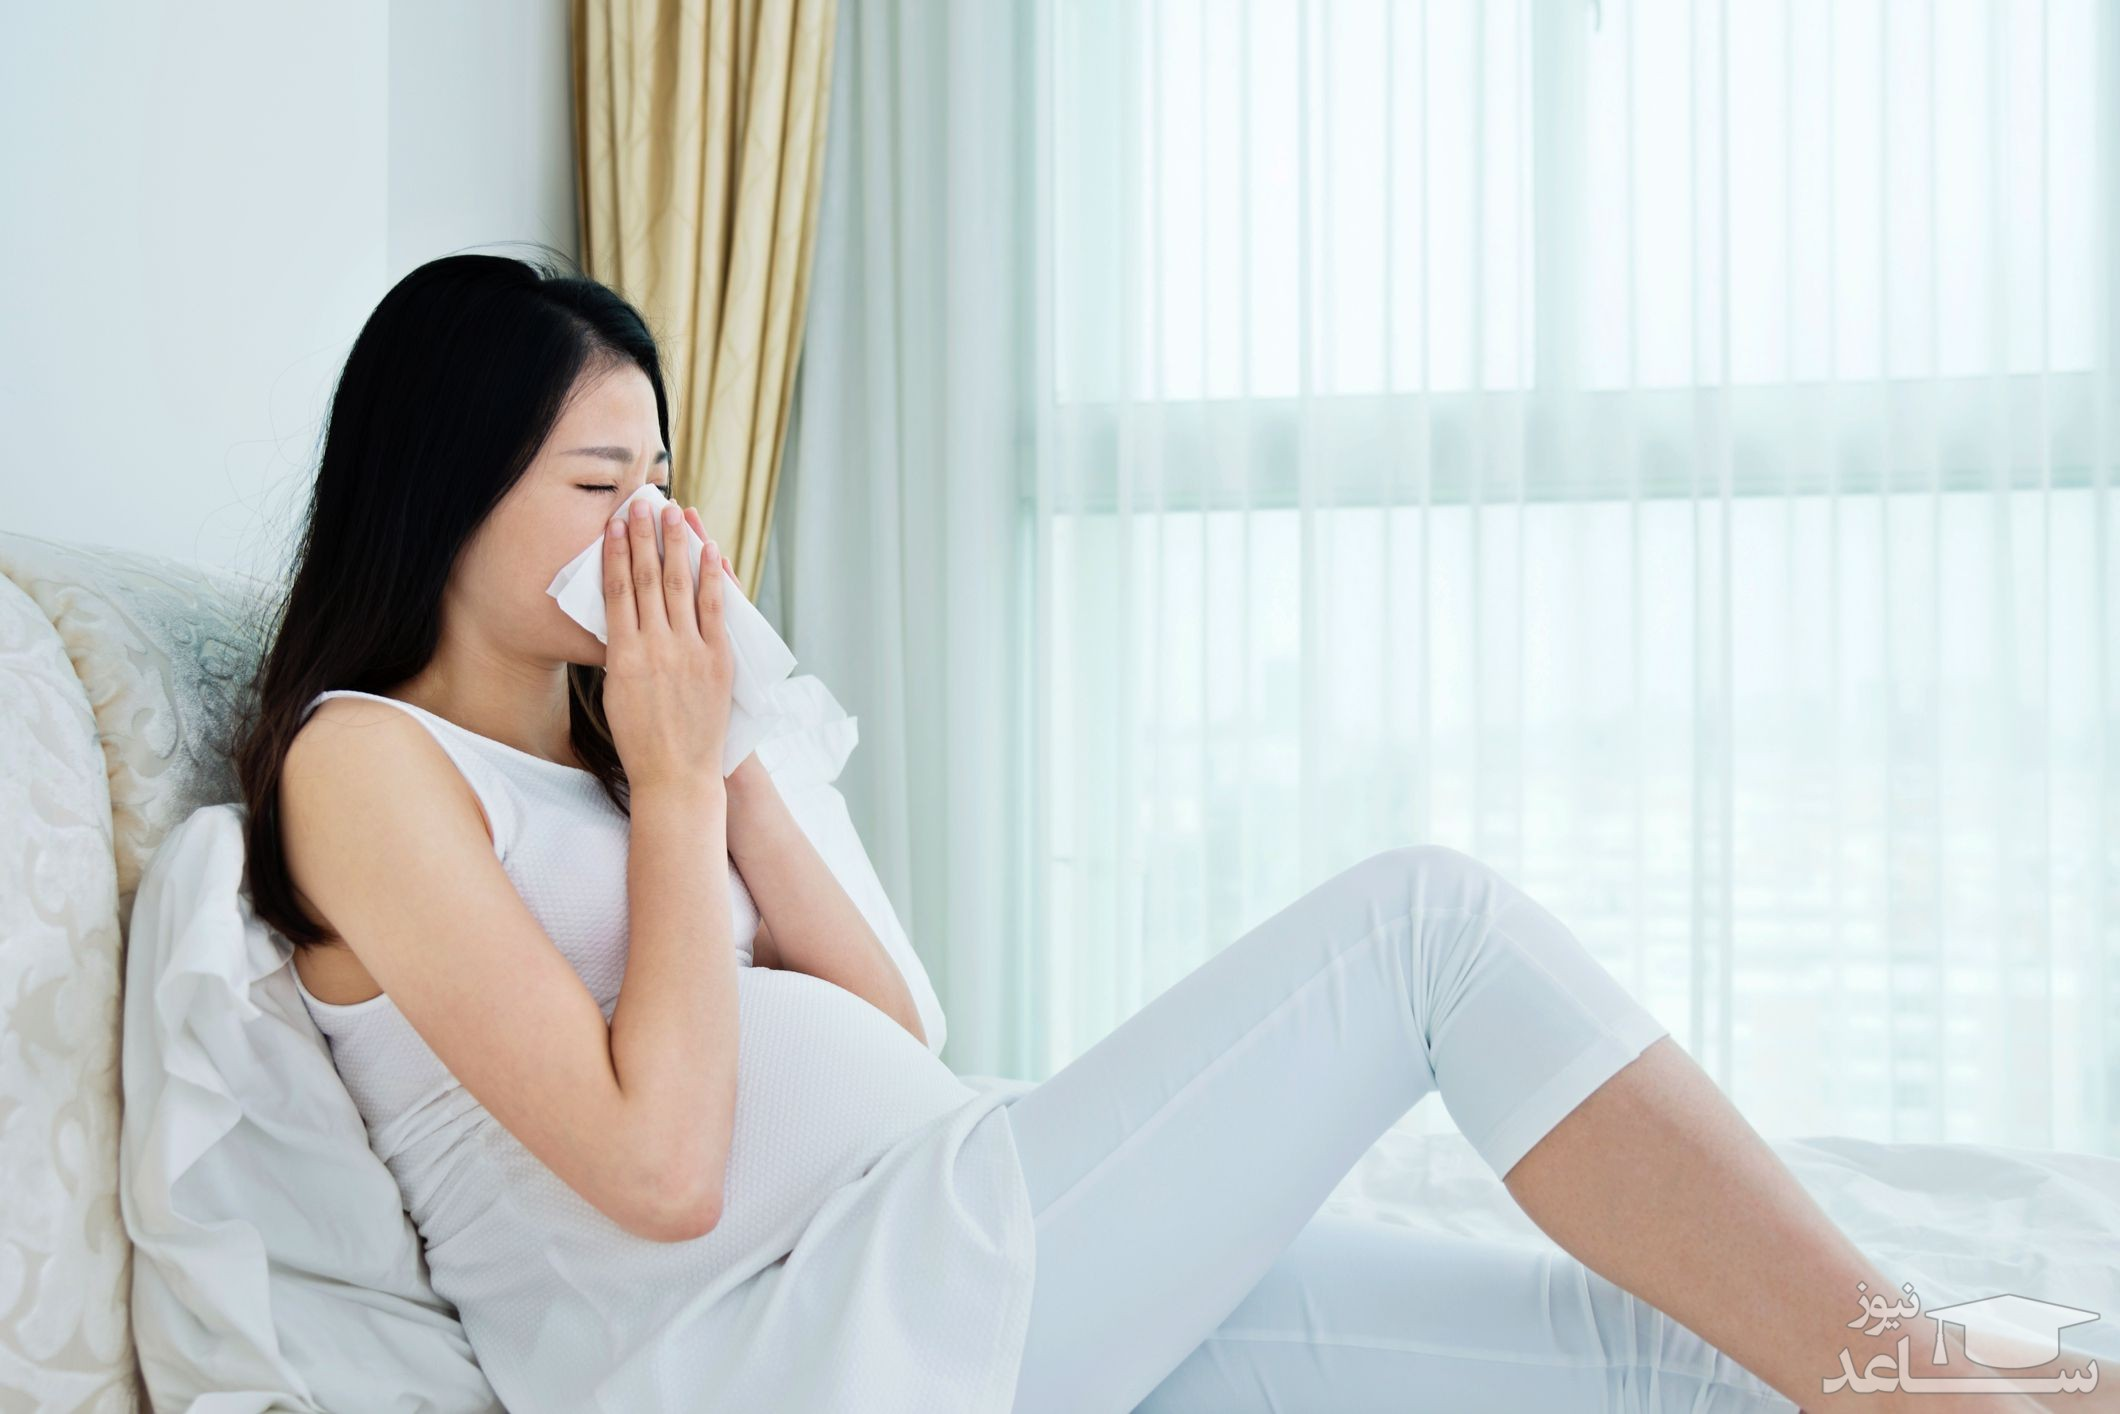 درمان آبریزش و گرفتگی بینی در دوران بارداری با طب سنتی